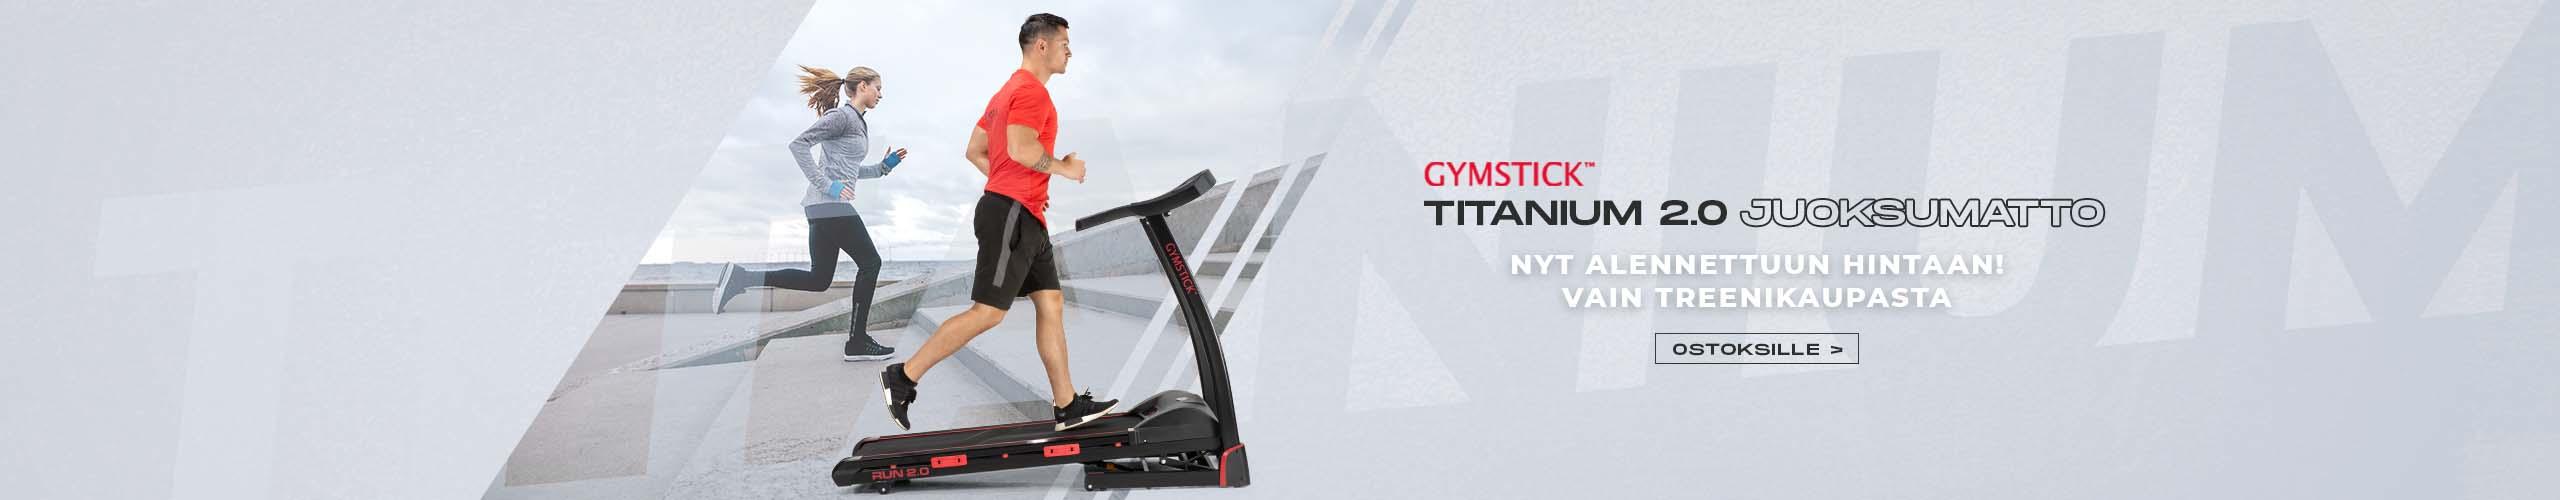 Gymstick Titanium 2.0